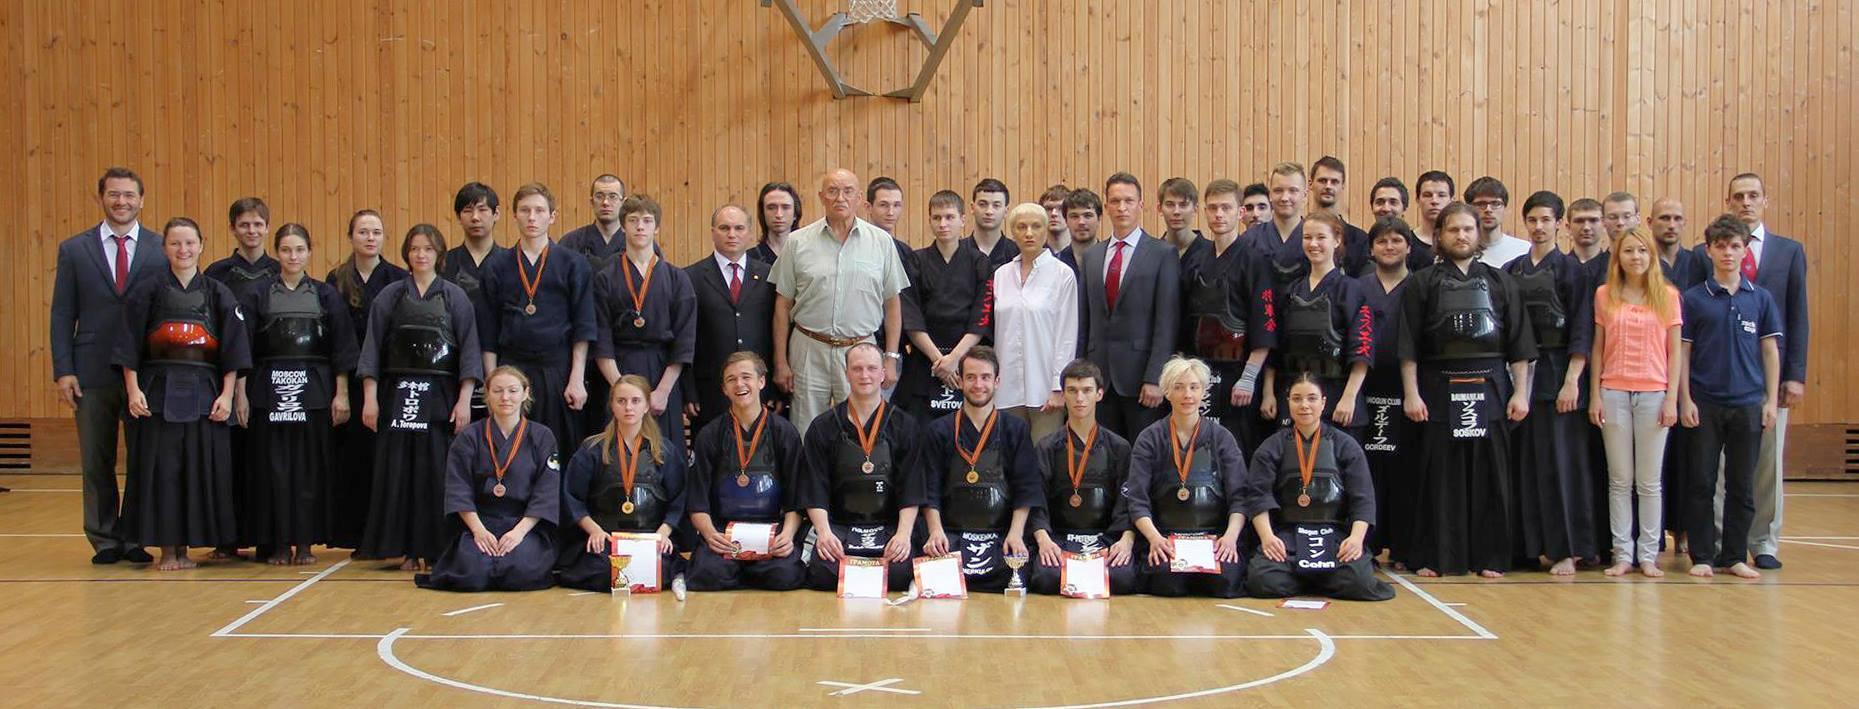 1-й Студенческий Чемпионат по Кендо и 4-й Открытый Турнир по Кендо среди Молодёжи и Студентов